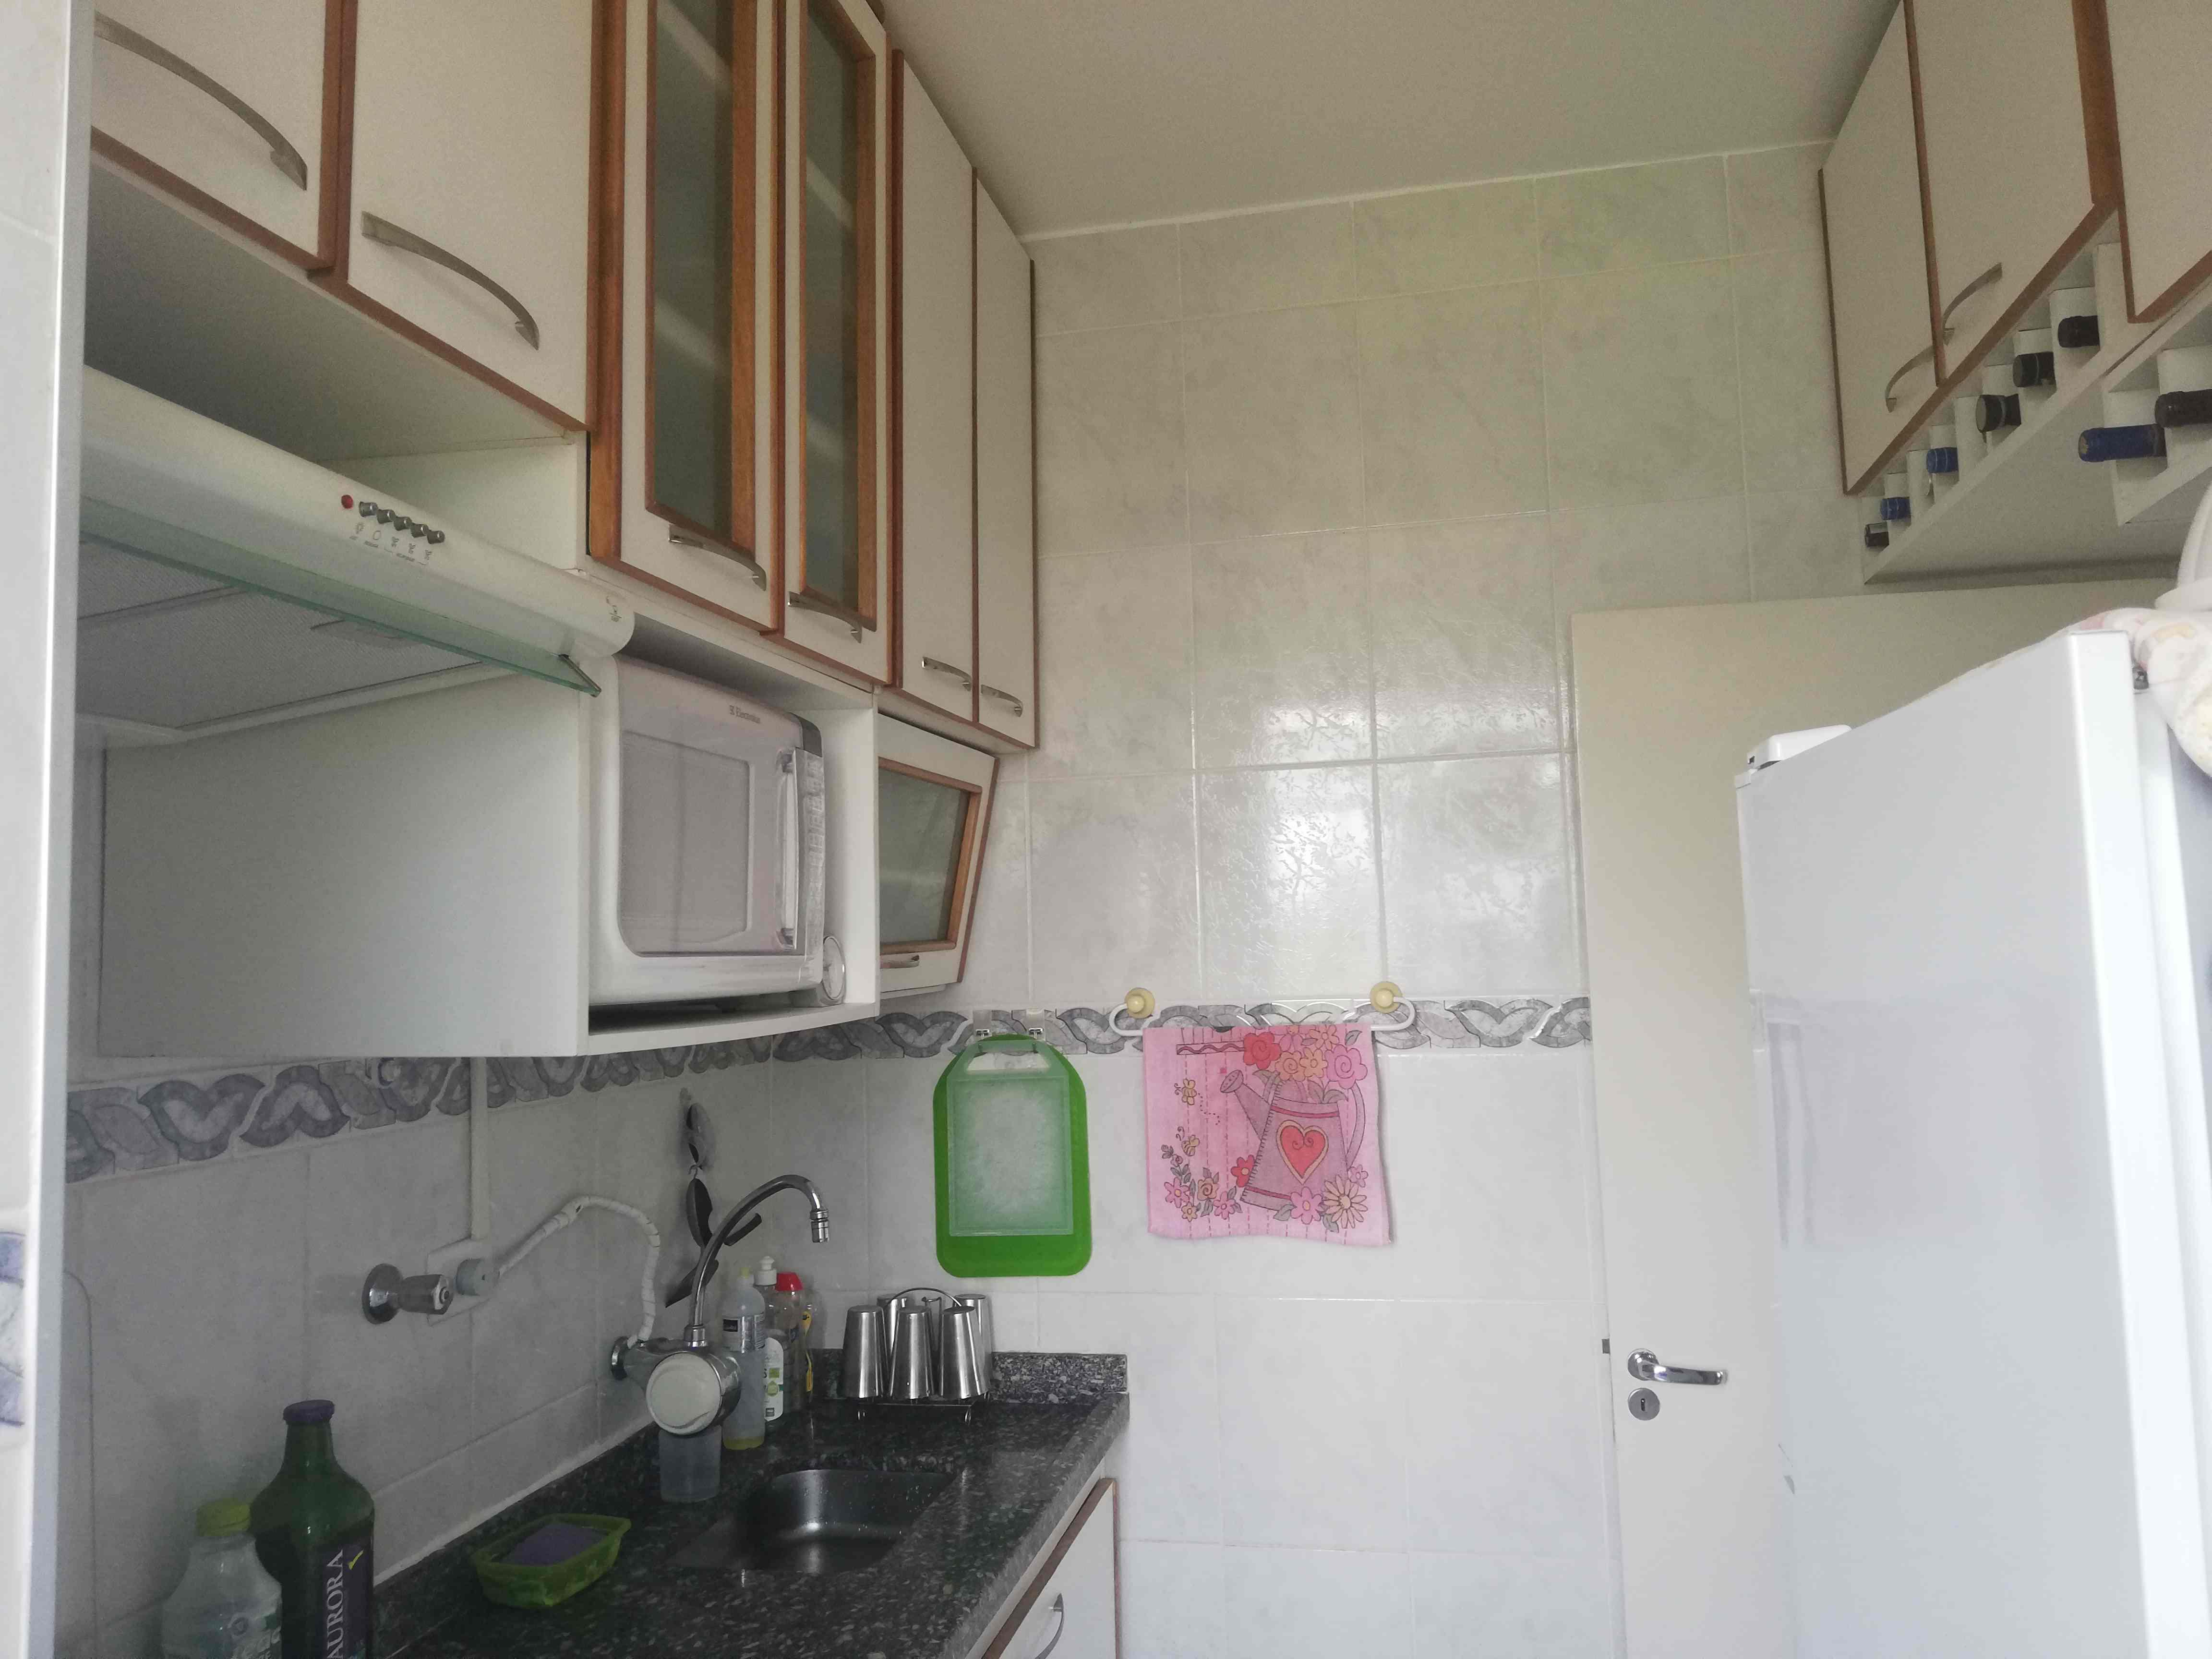 Apartamento Mogi das cruzes / Vl da prata